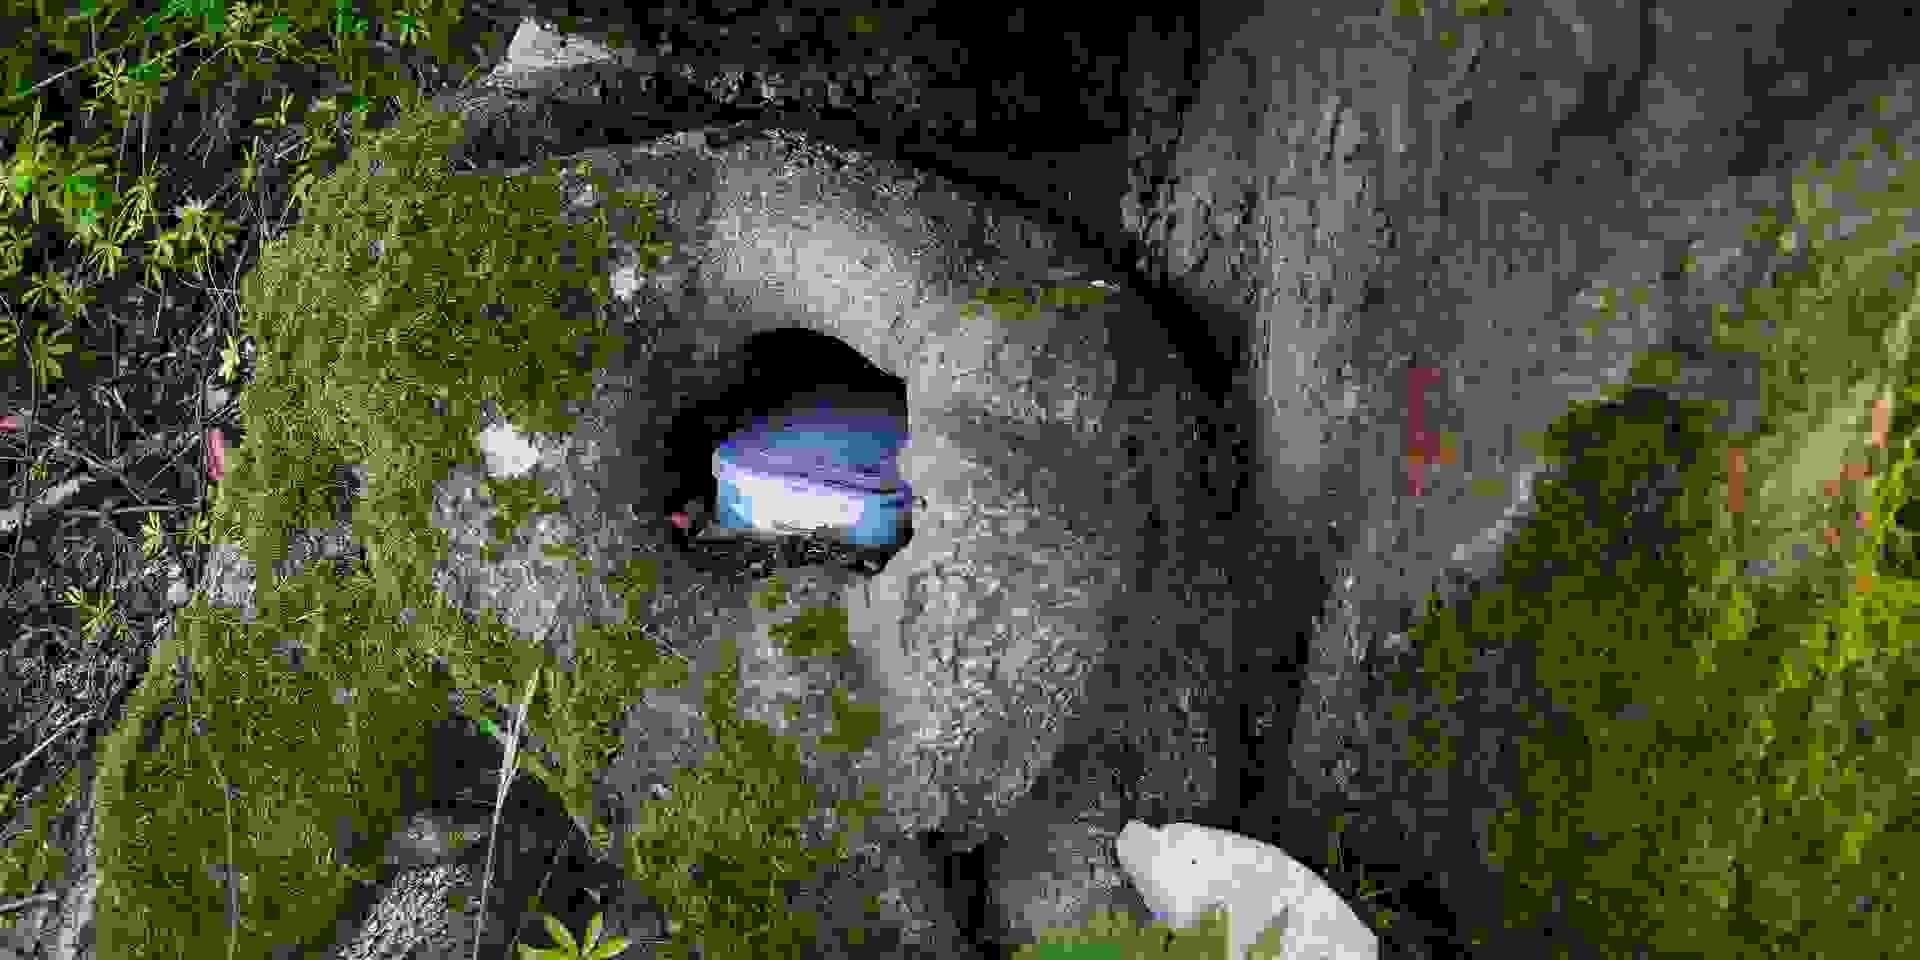 Ein Geocache liegt im Wald versteckt in einem Baumloch.